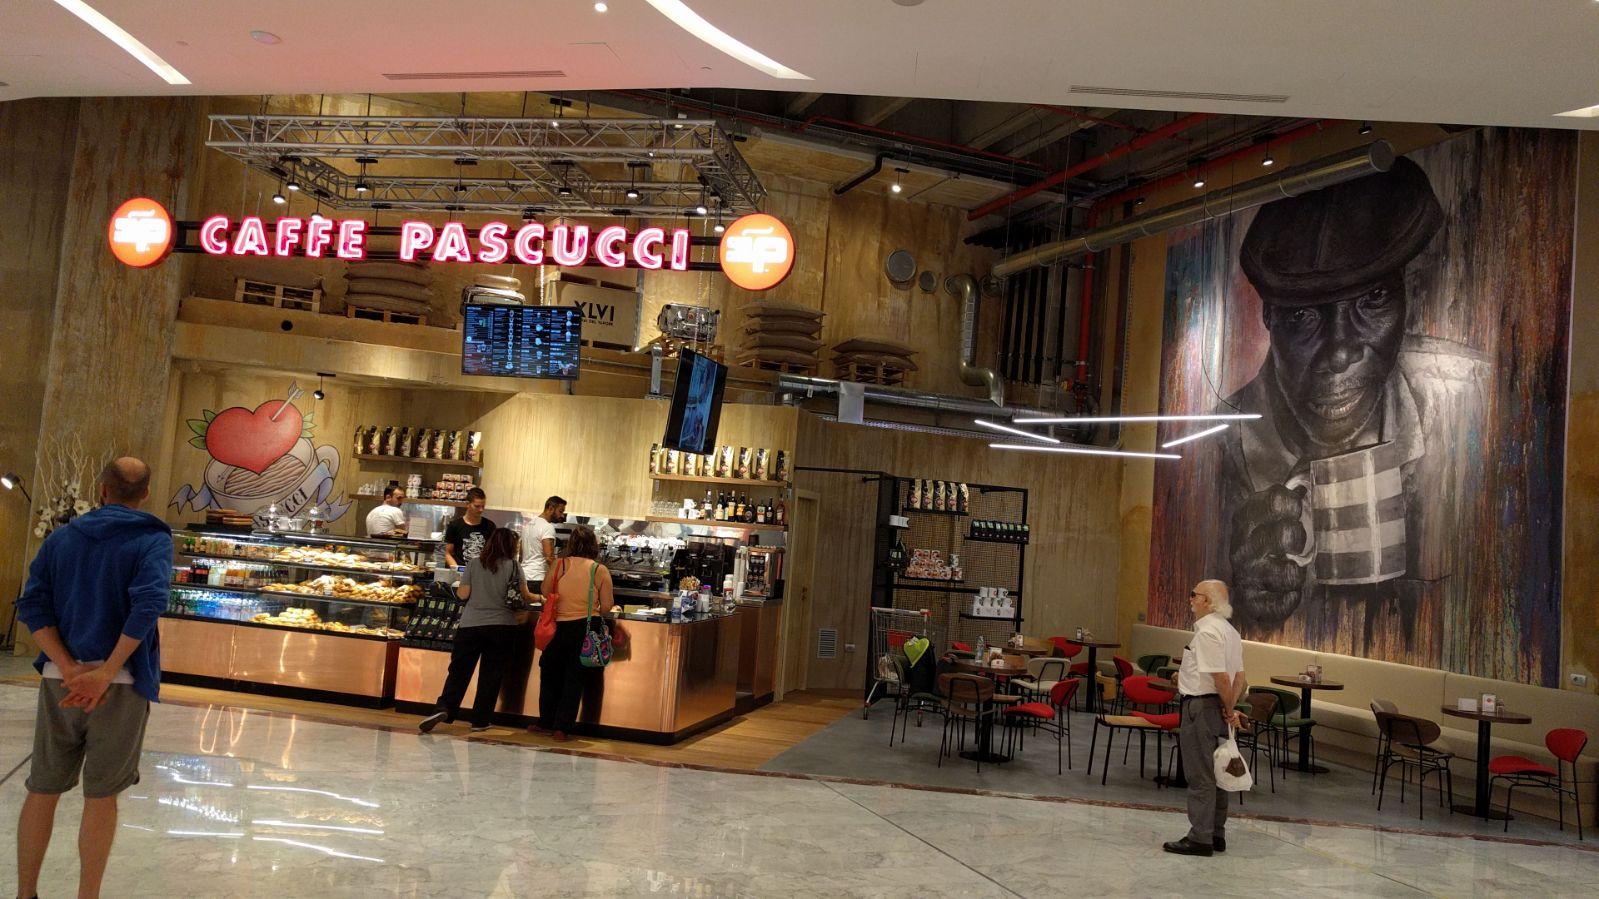 Caffè Pascucci Shop Firenze I gigli 003